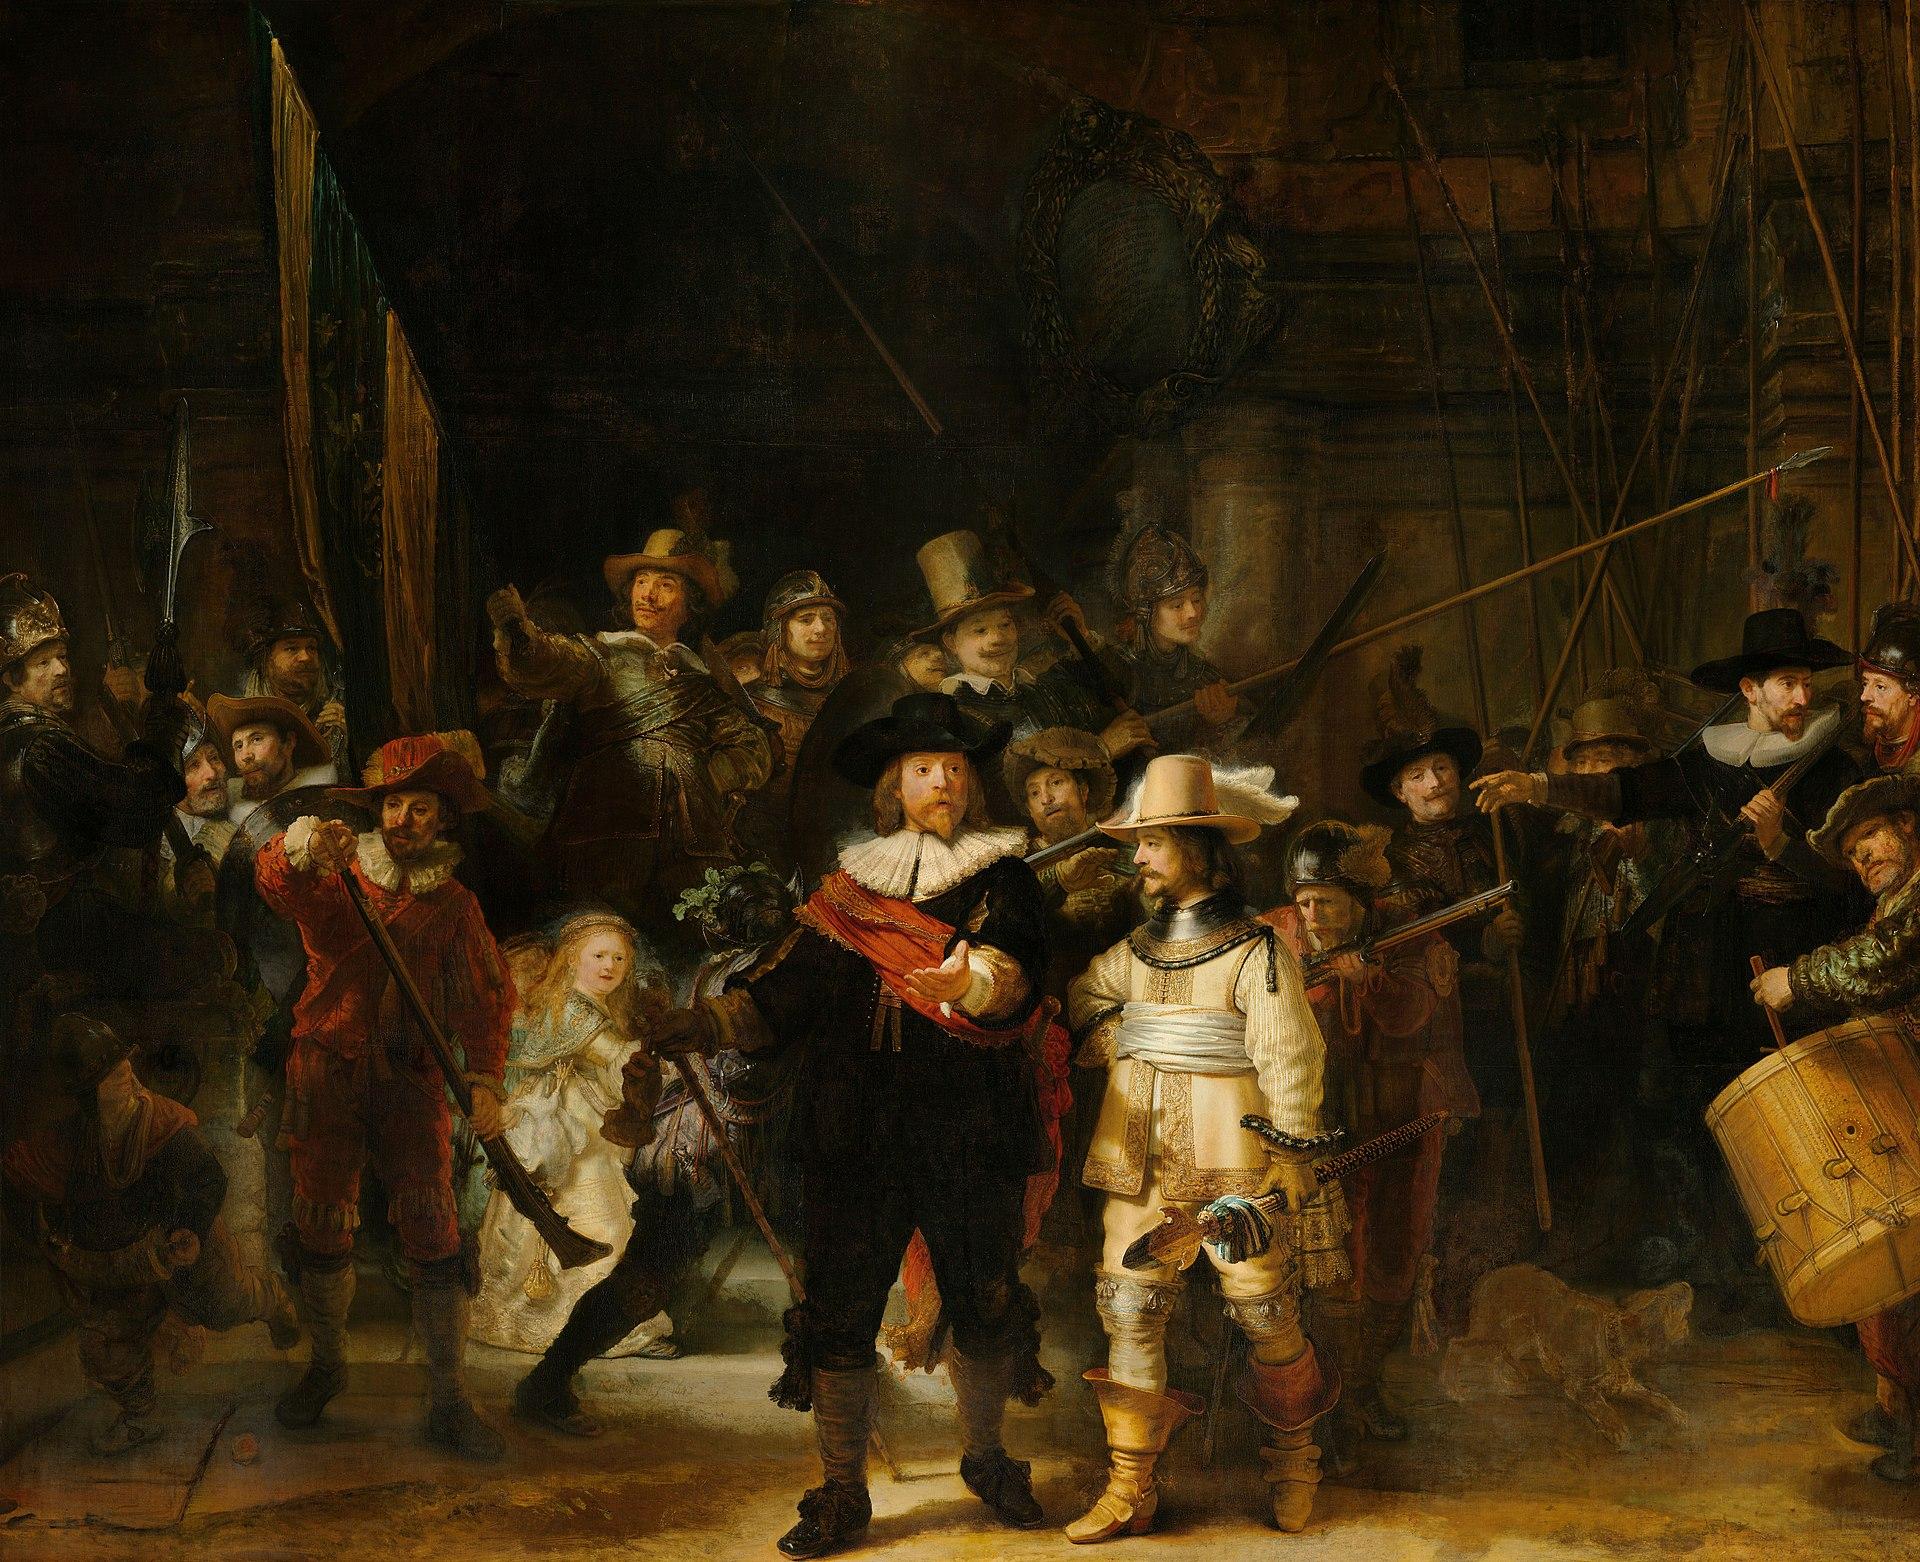 11. Ronda di notte – Rembrandt (1642) - Rijksmuseum di Amsterdam